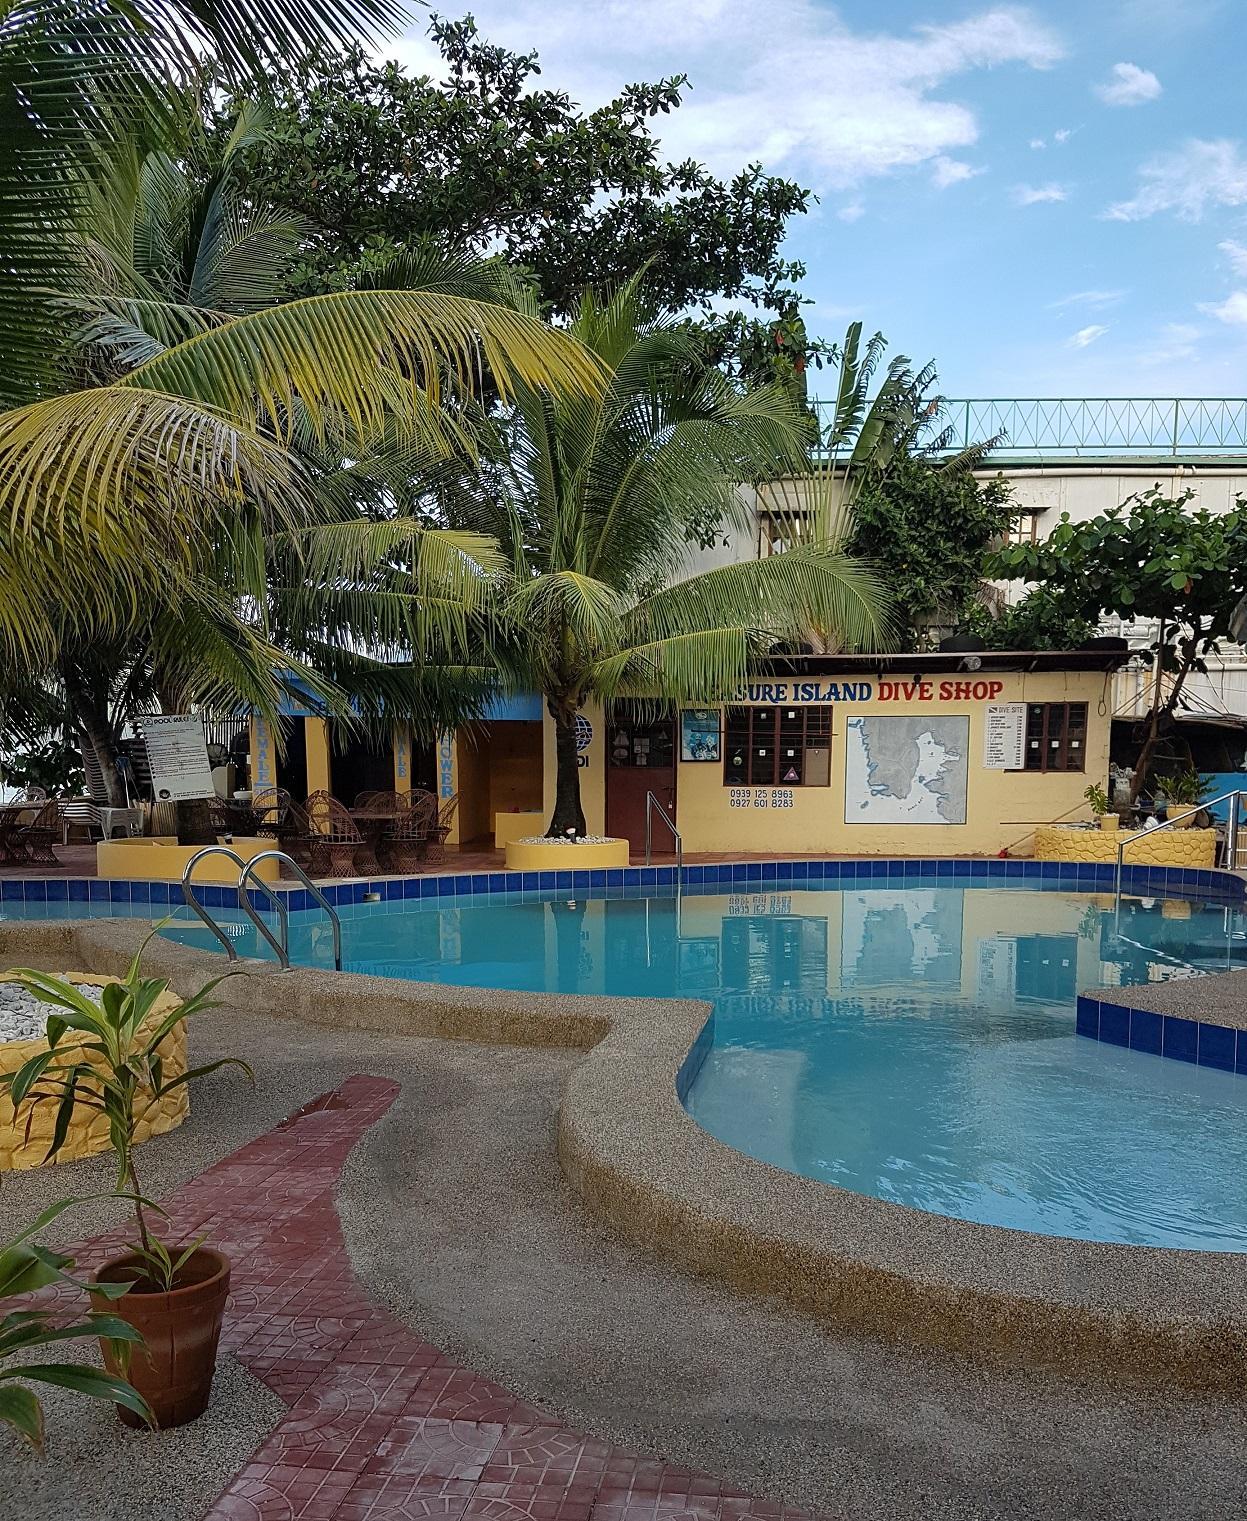 stranica za upoznavanje besplatno u Gani